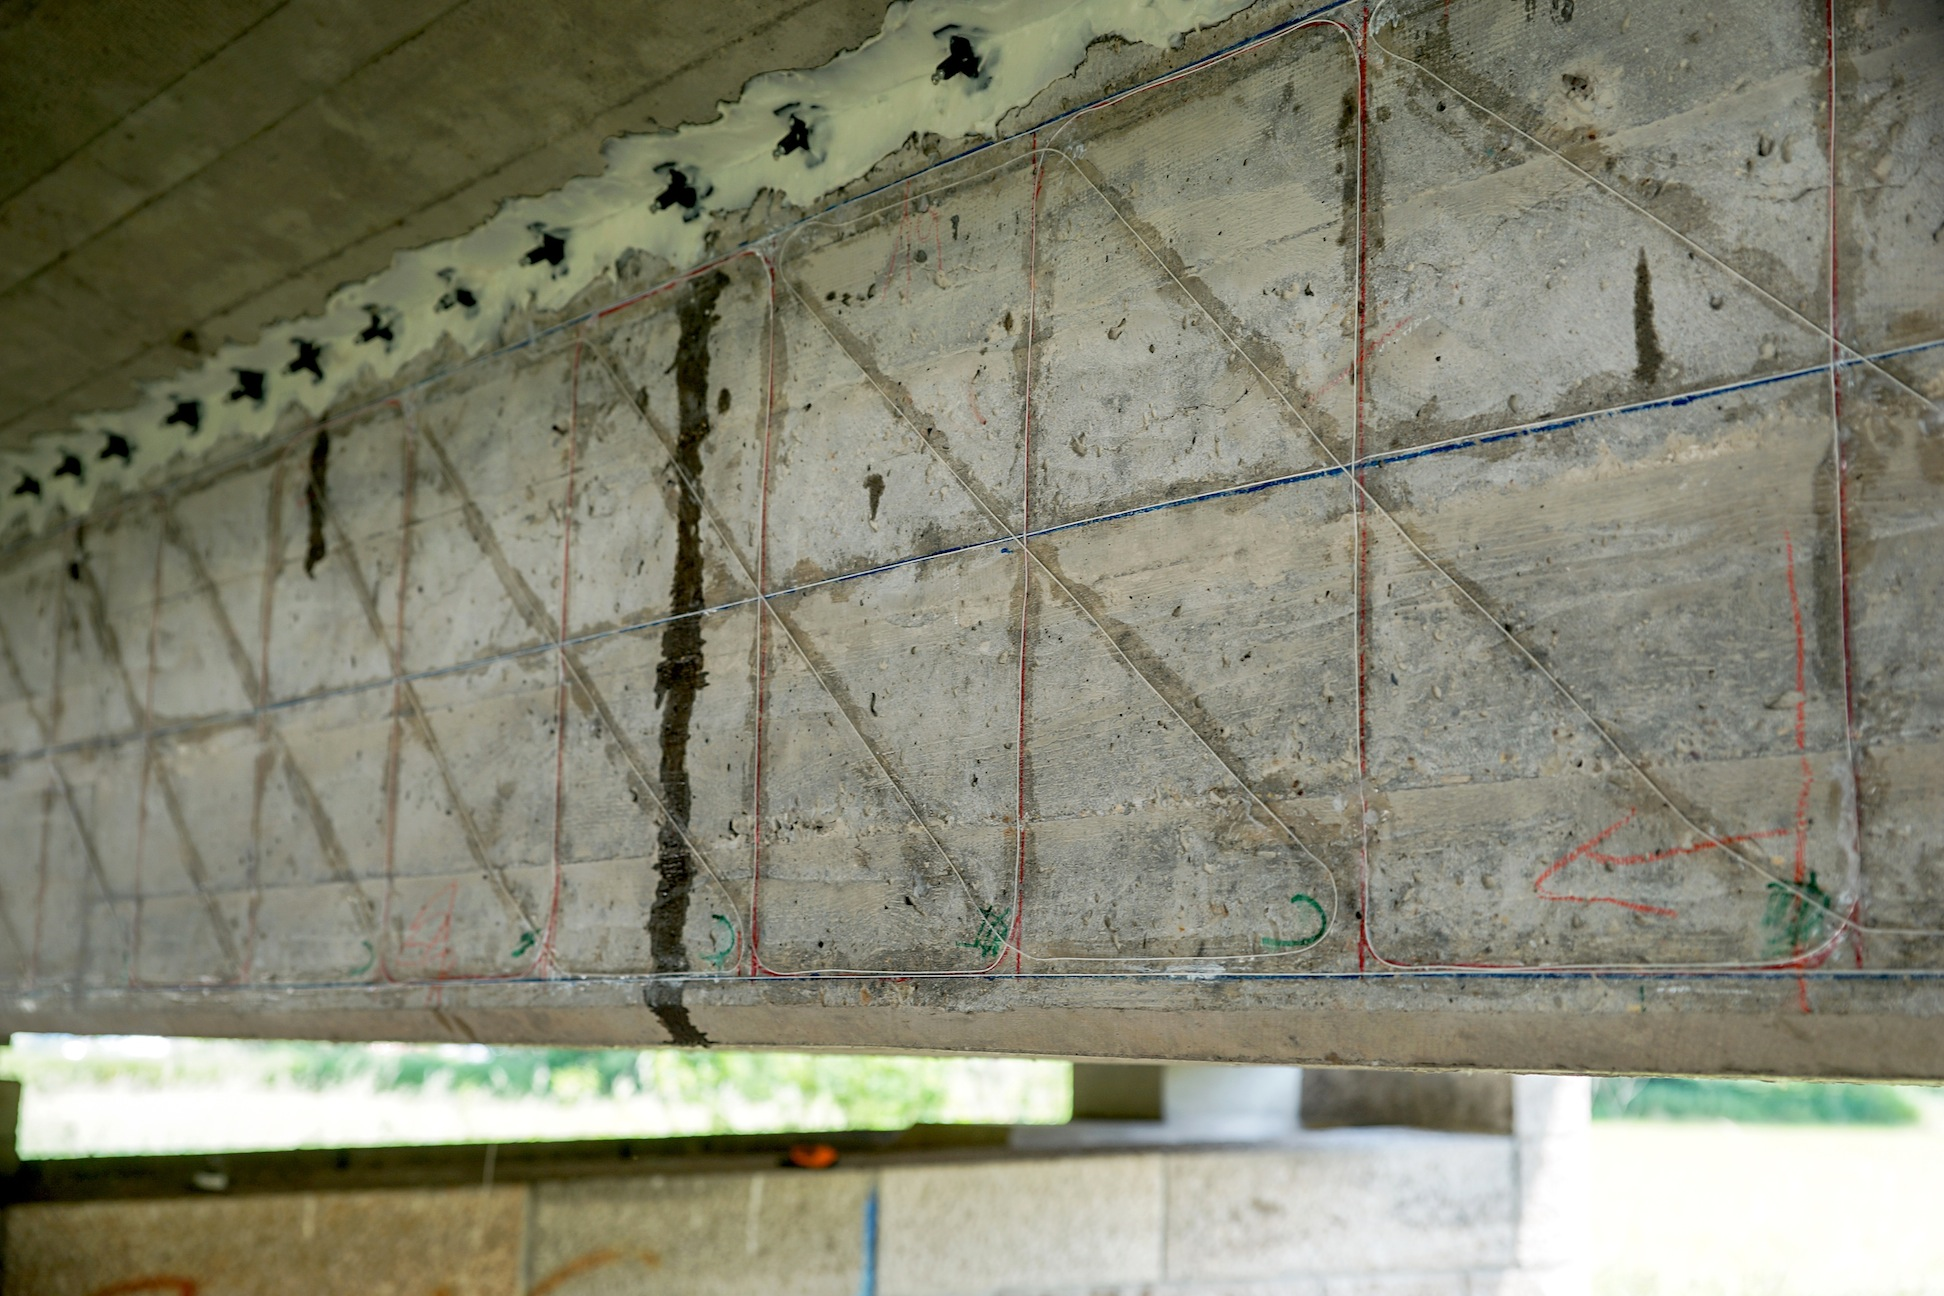 Manche alten Brücken sind noch überraschend gut in Schuss, obwohl sie nach Berechnungen der Ingenieure längst baufällig sein müssten. Warum das so ist, wollen die Ingenieure der TU München herausfinden.